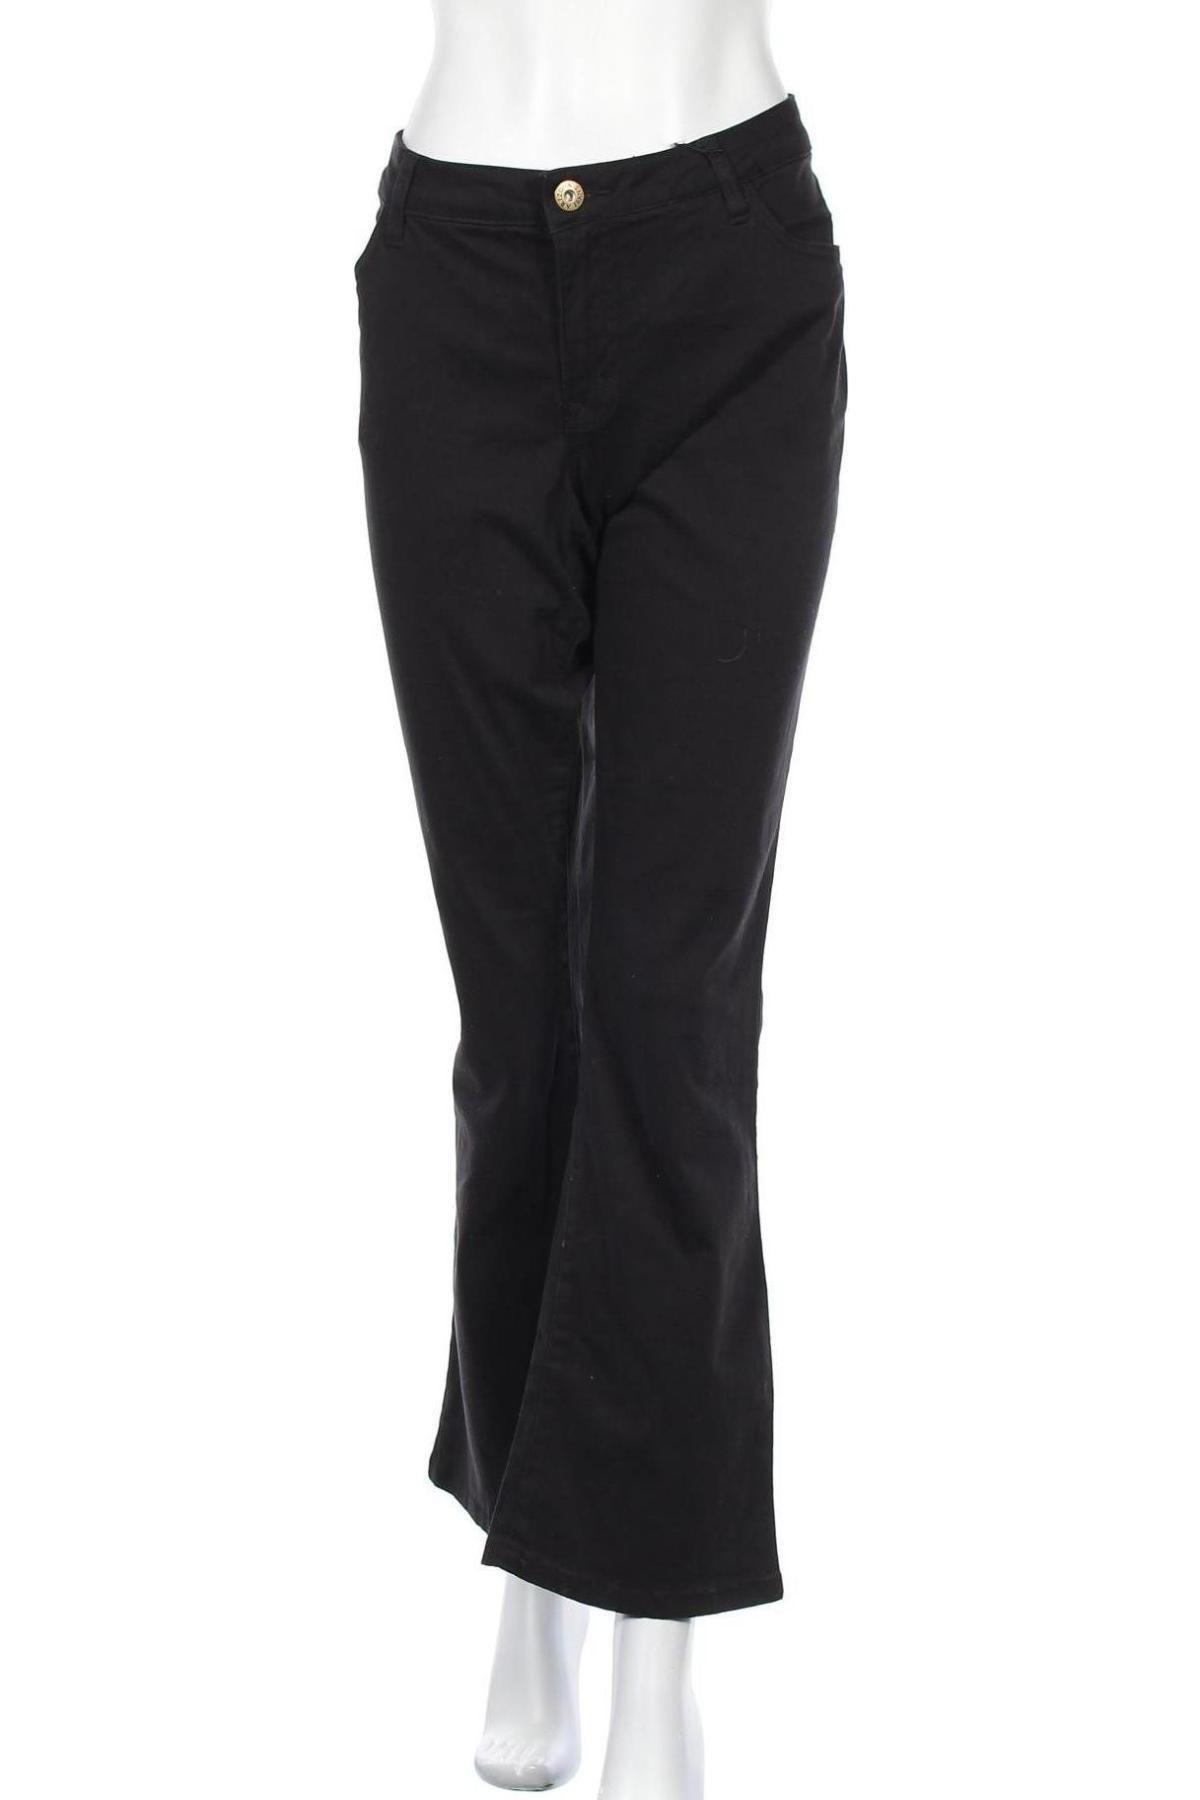 Дамски панталон Arizona, Размер XL, Цвят Черен, 98% памук, 2% еластан, Цена 38,64лв.